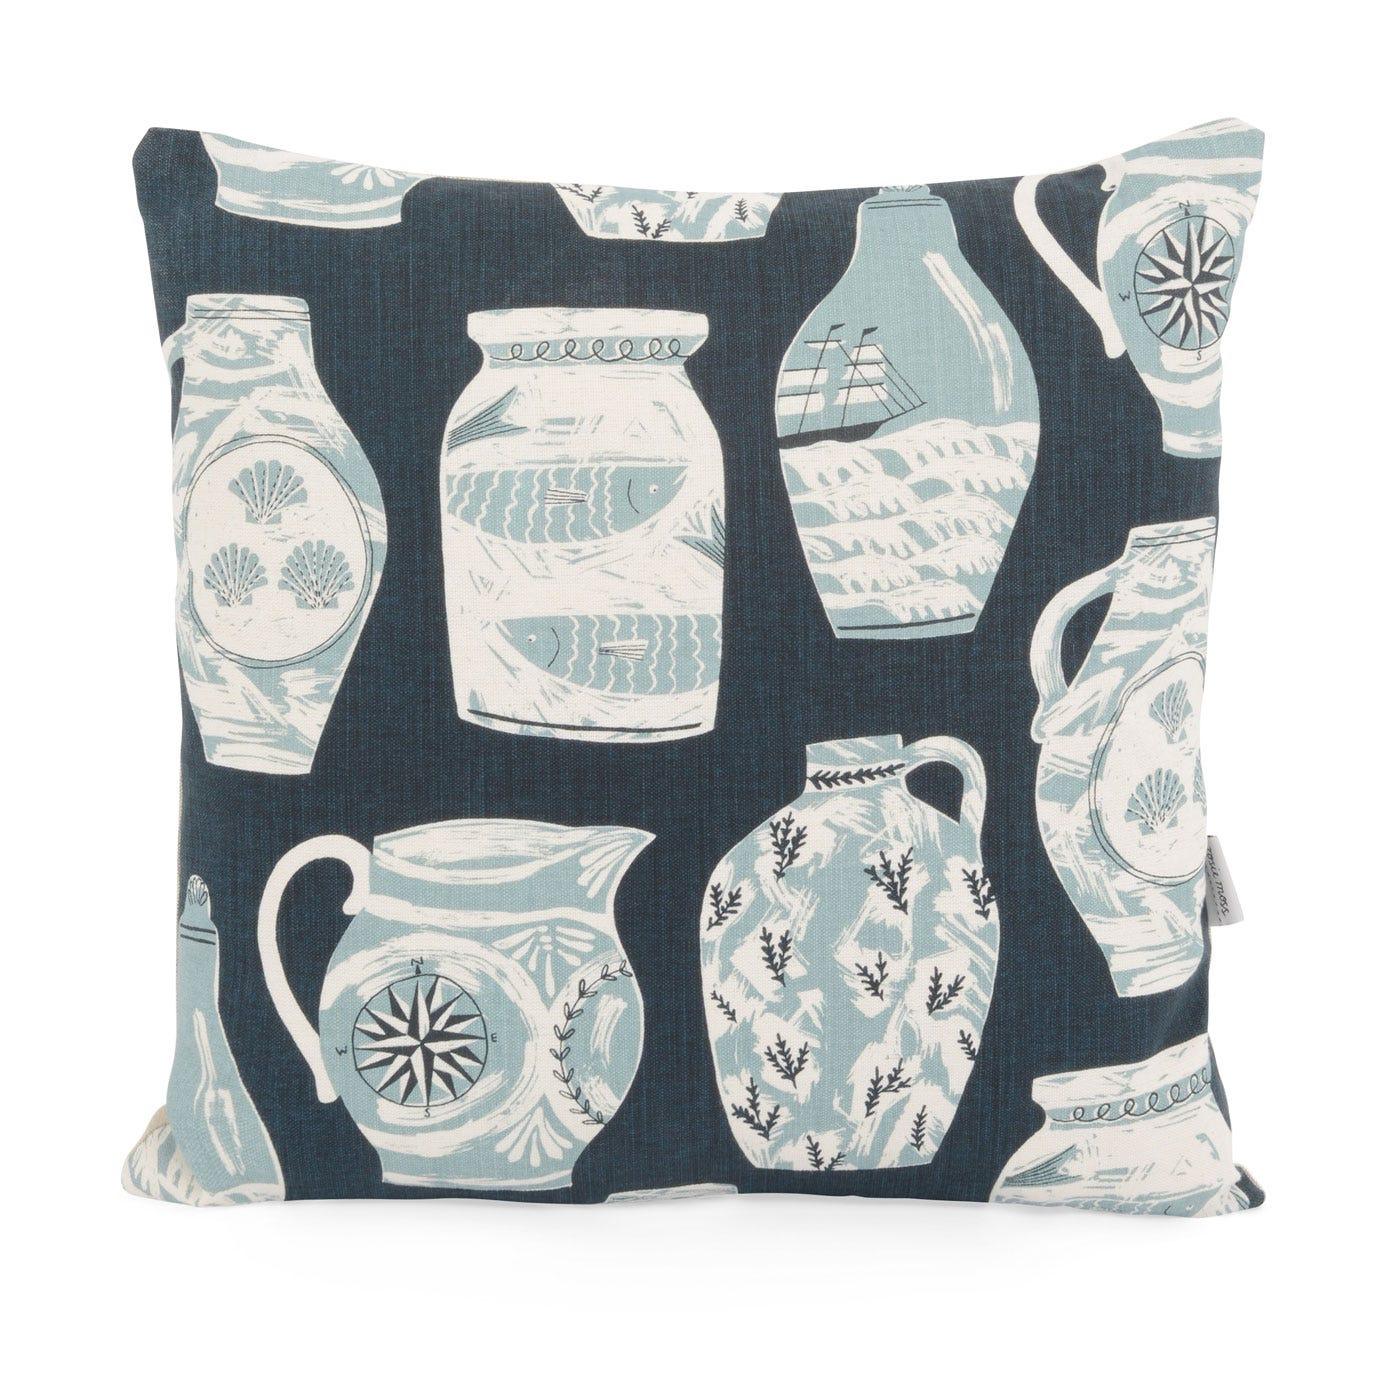 Vessels Cushion